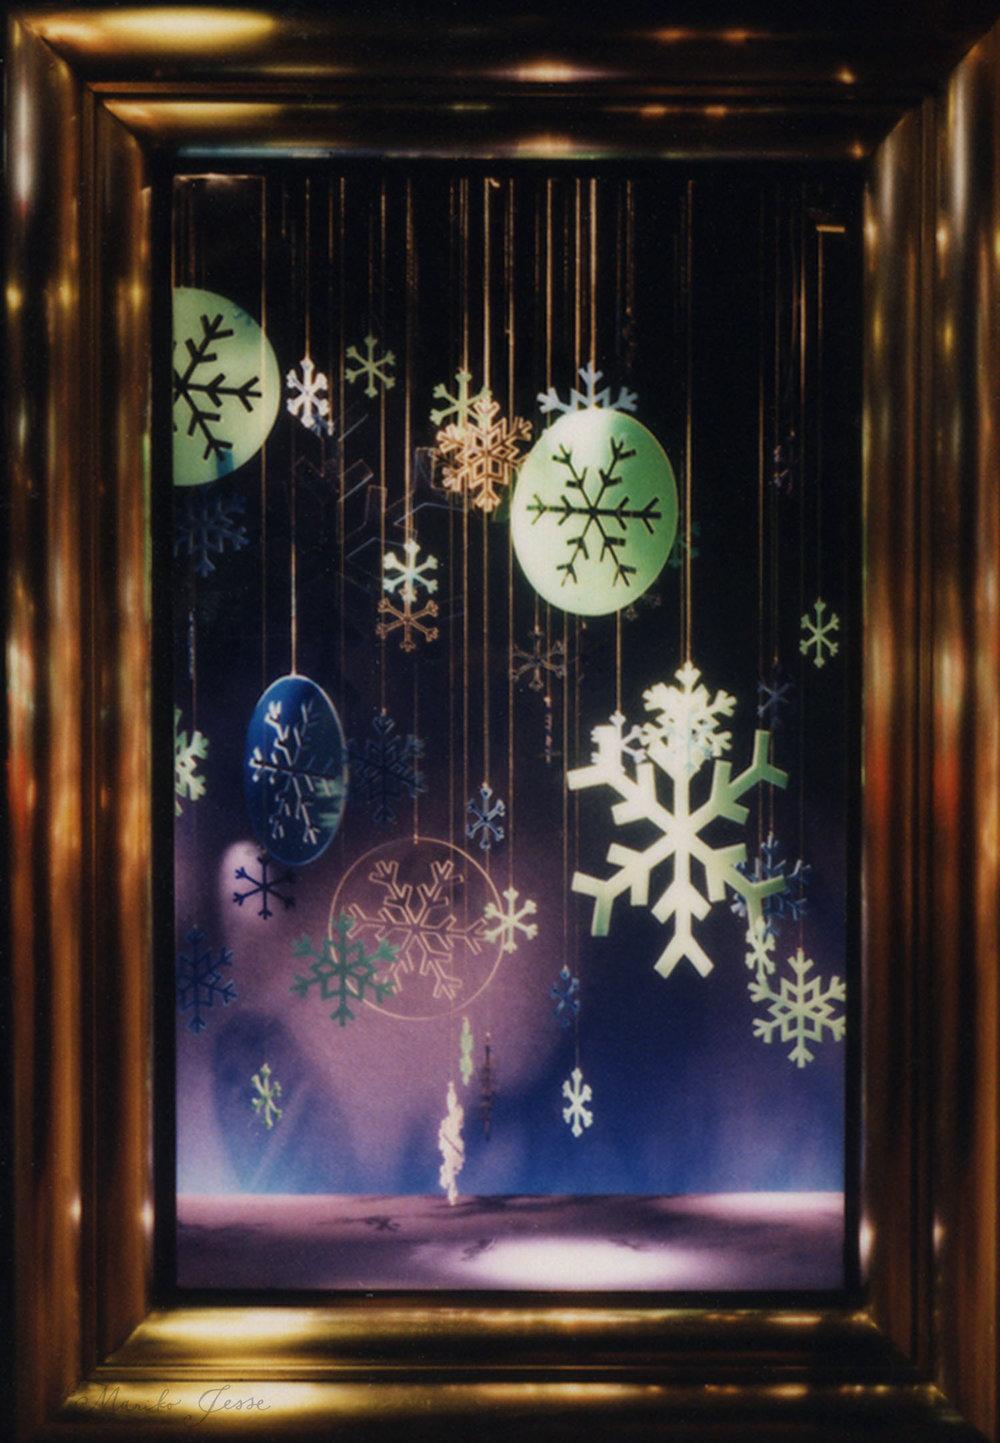 Tiffany & Co. window display